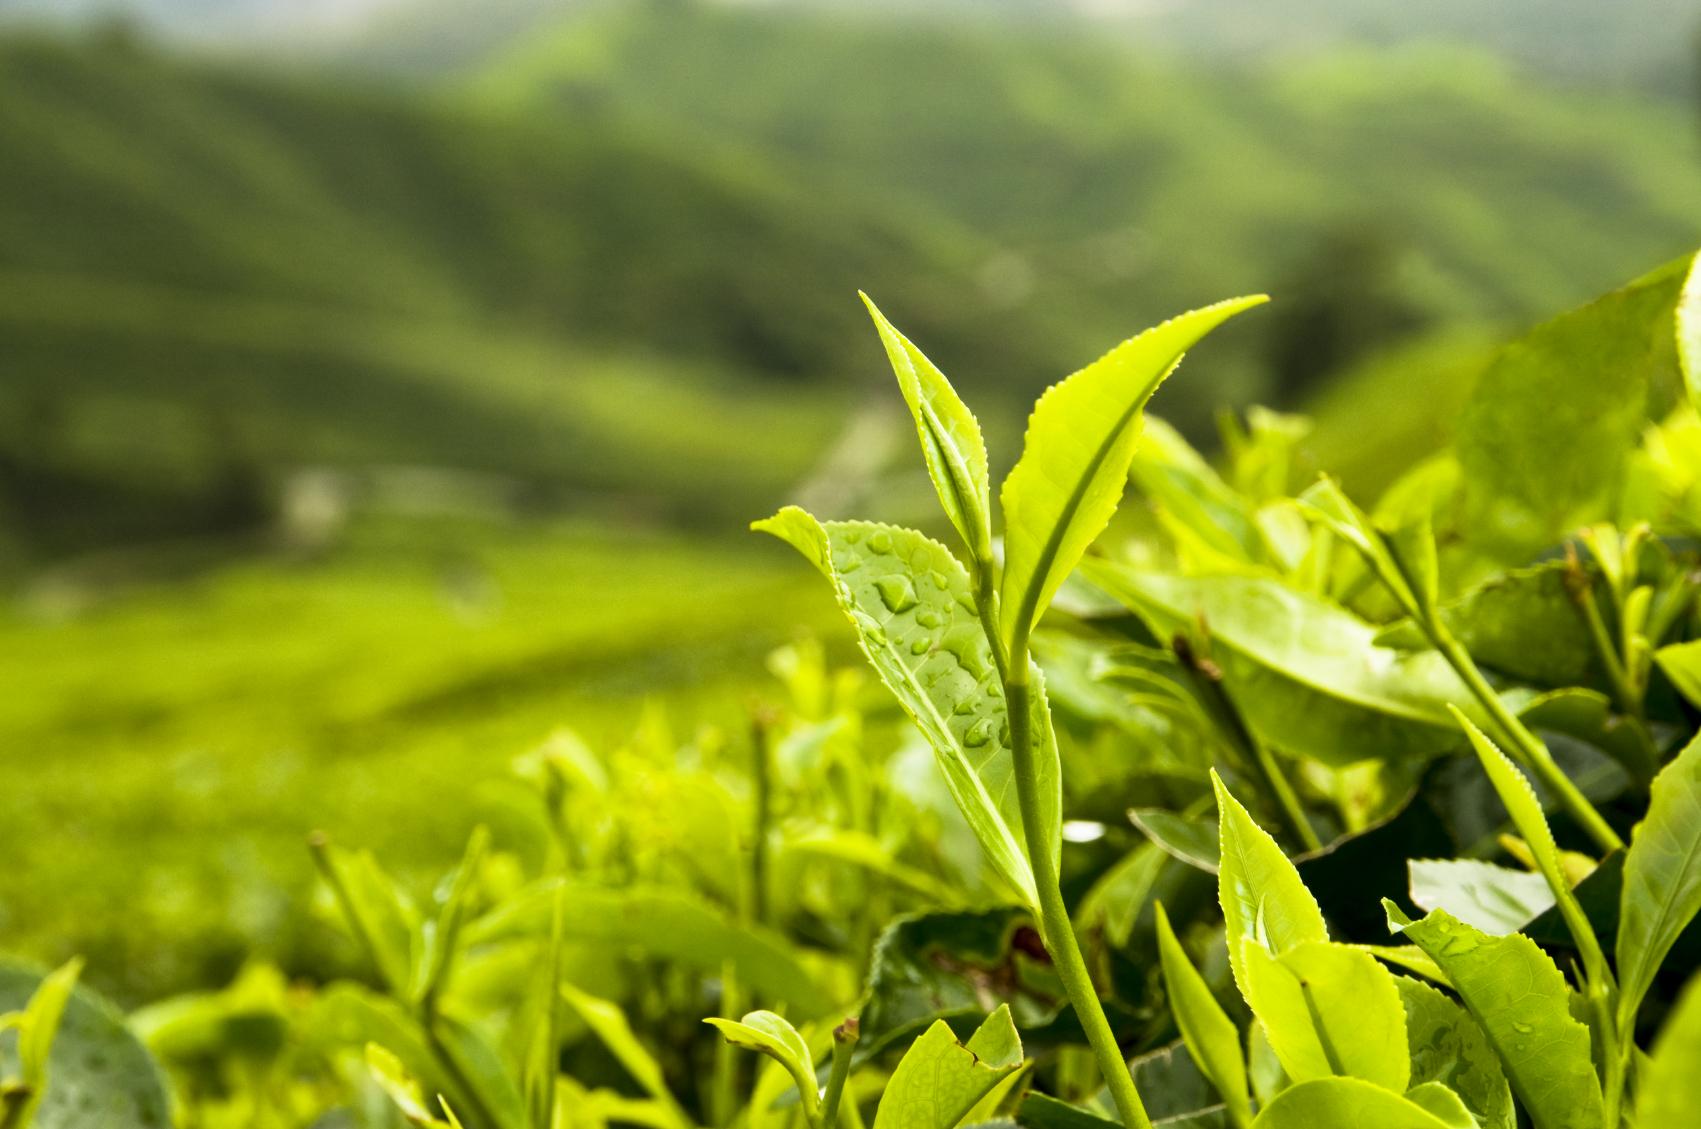 လက်ဖက်ခြောက် ပြုလုပ်နည်း (Green Tea Processing Pressed)